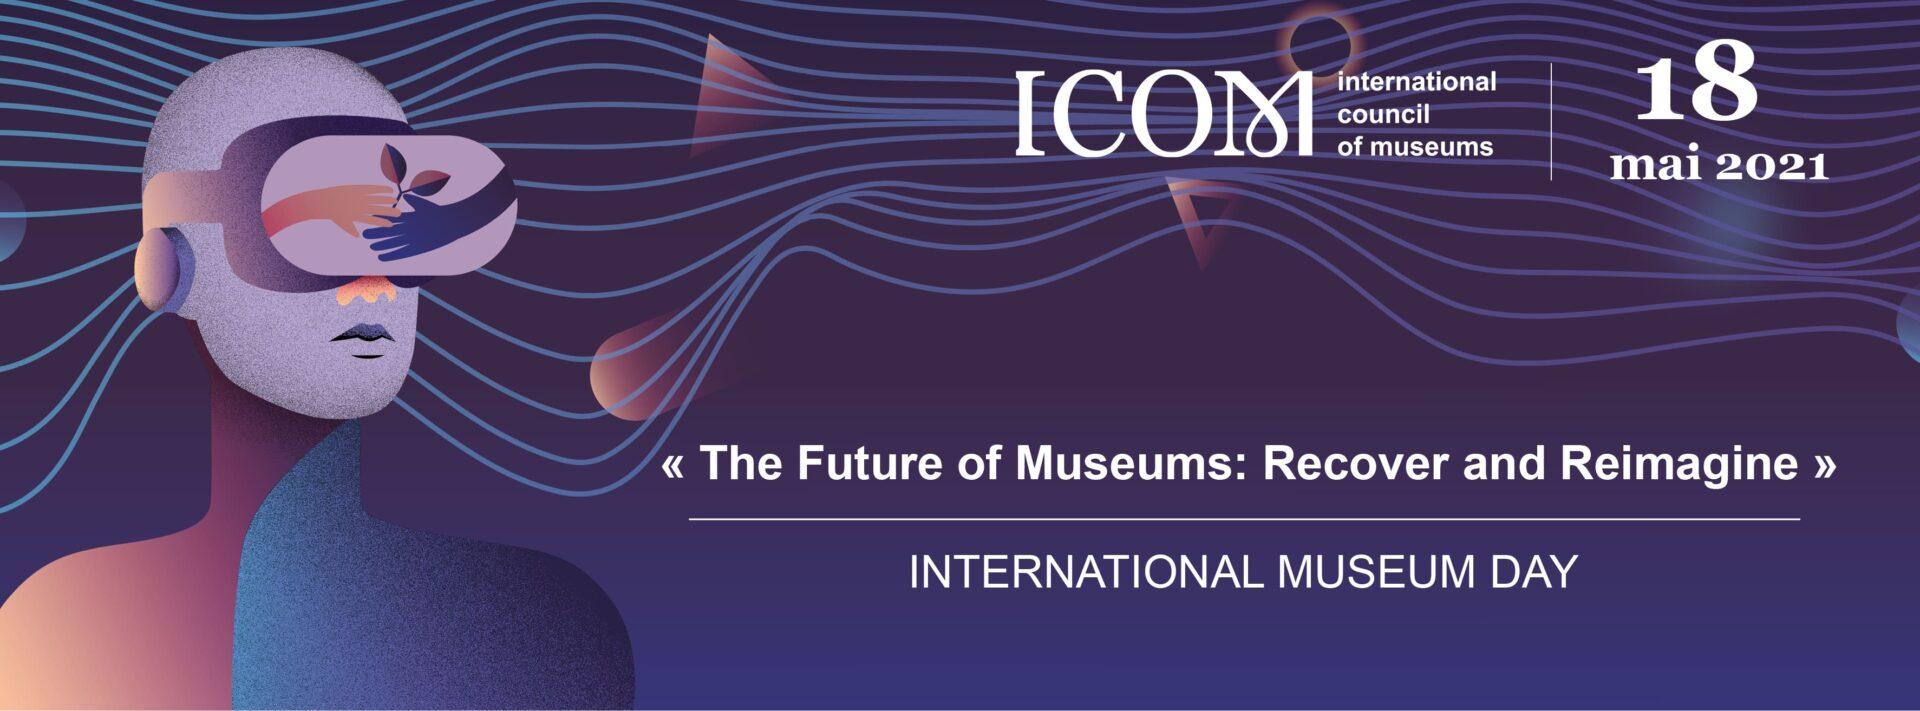 【博物之島新訊】2021國際博物館日—博物館的未來:復甦與新象